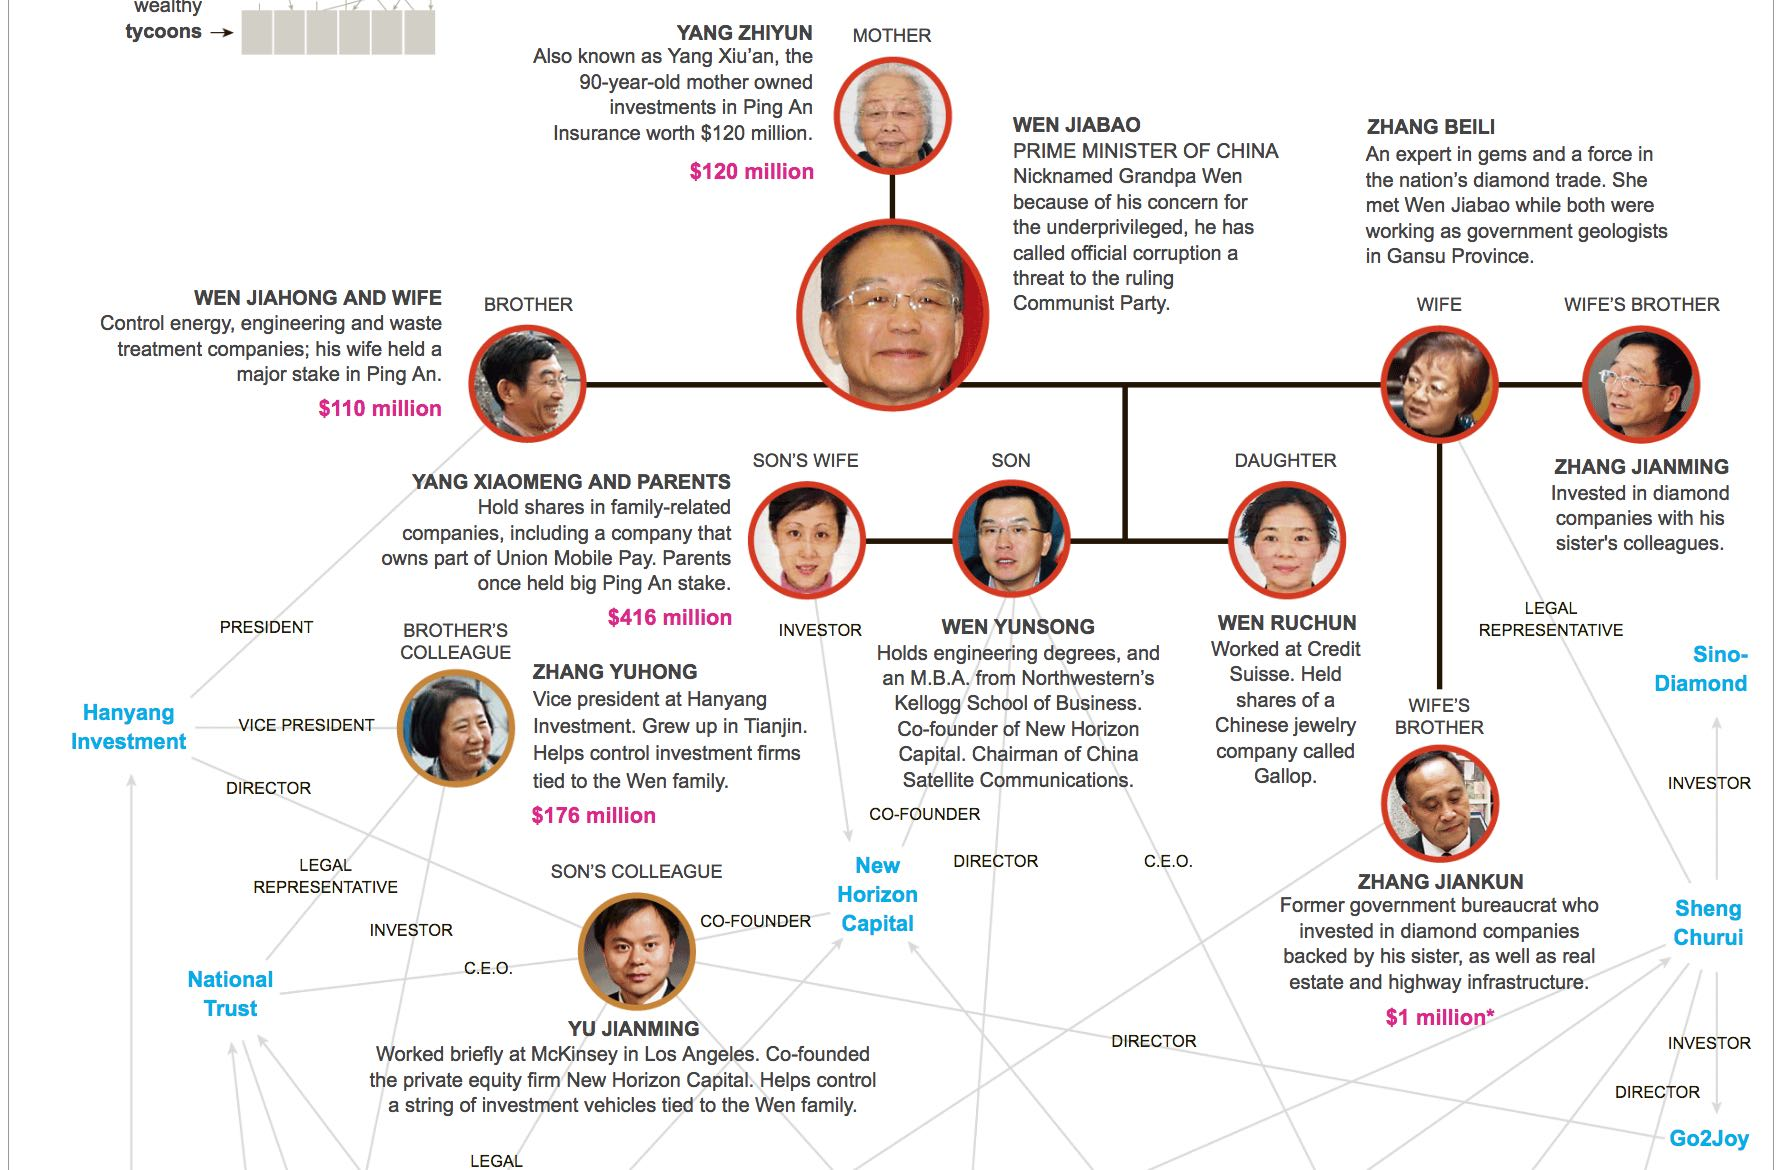 德国之声 | 纽约时报:段伟红事件牵涉温家宝,抑或孙政才?